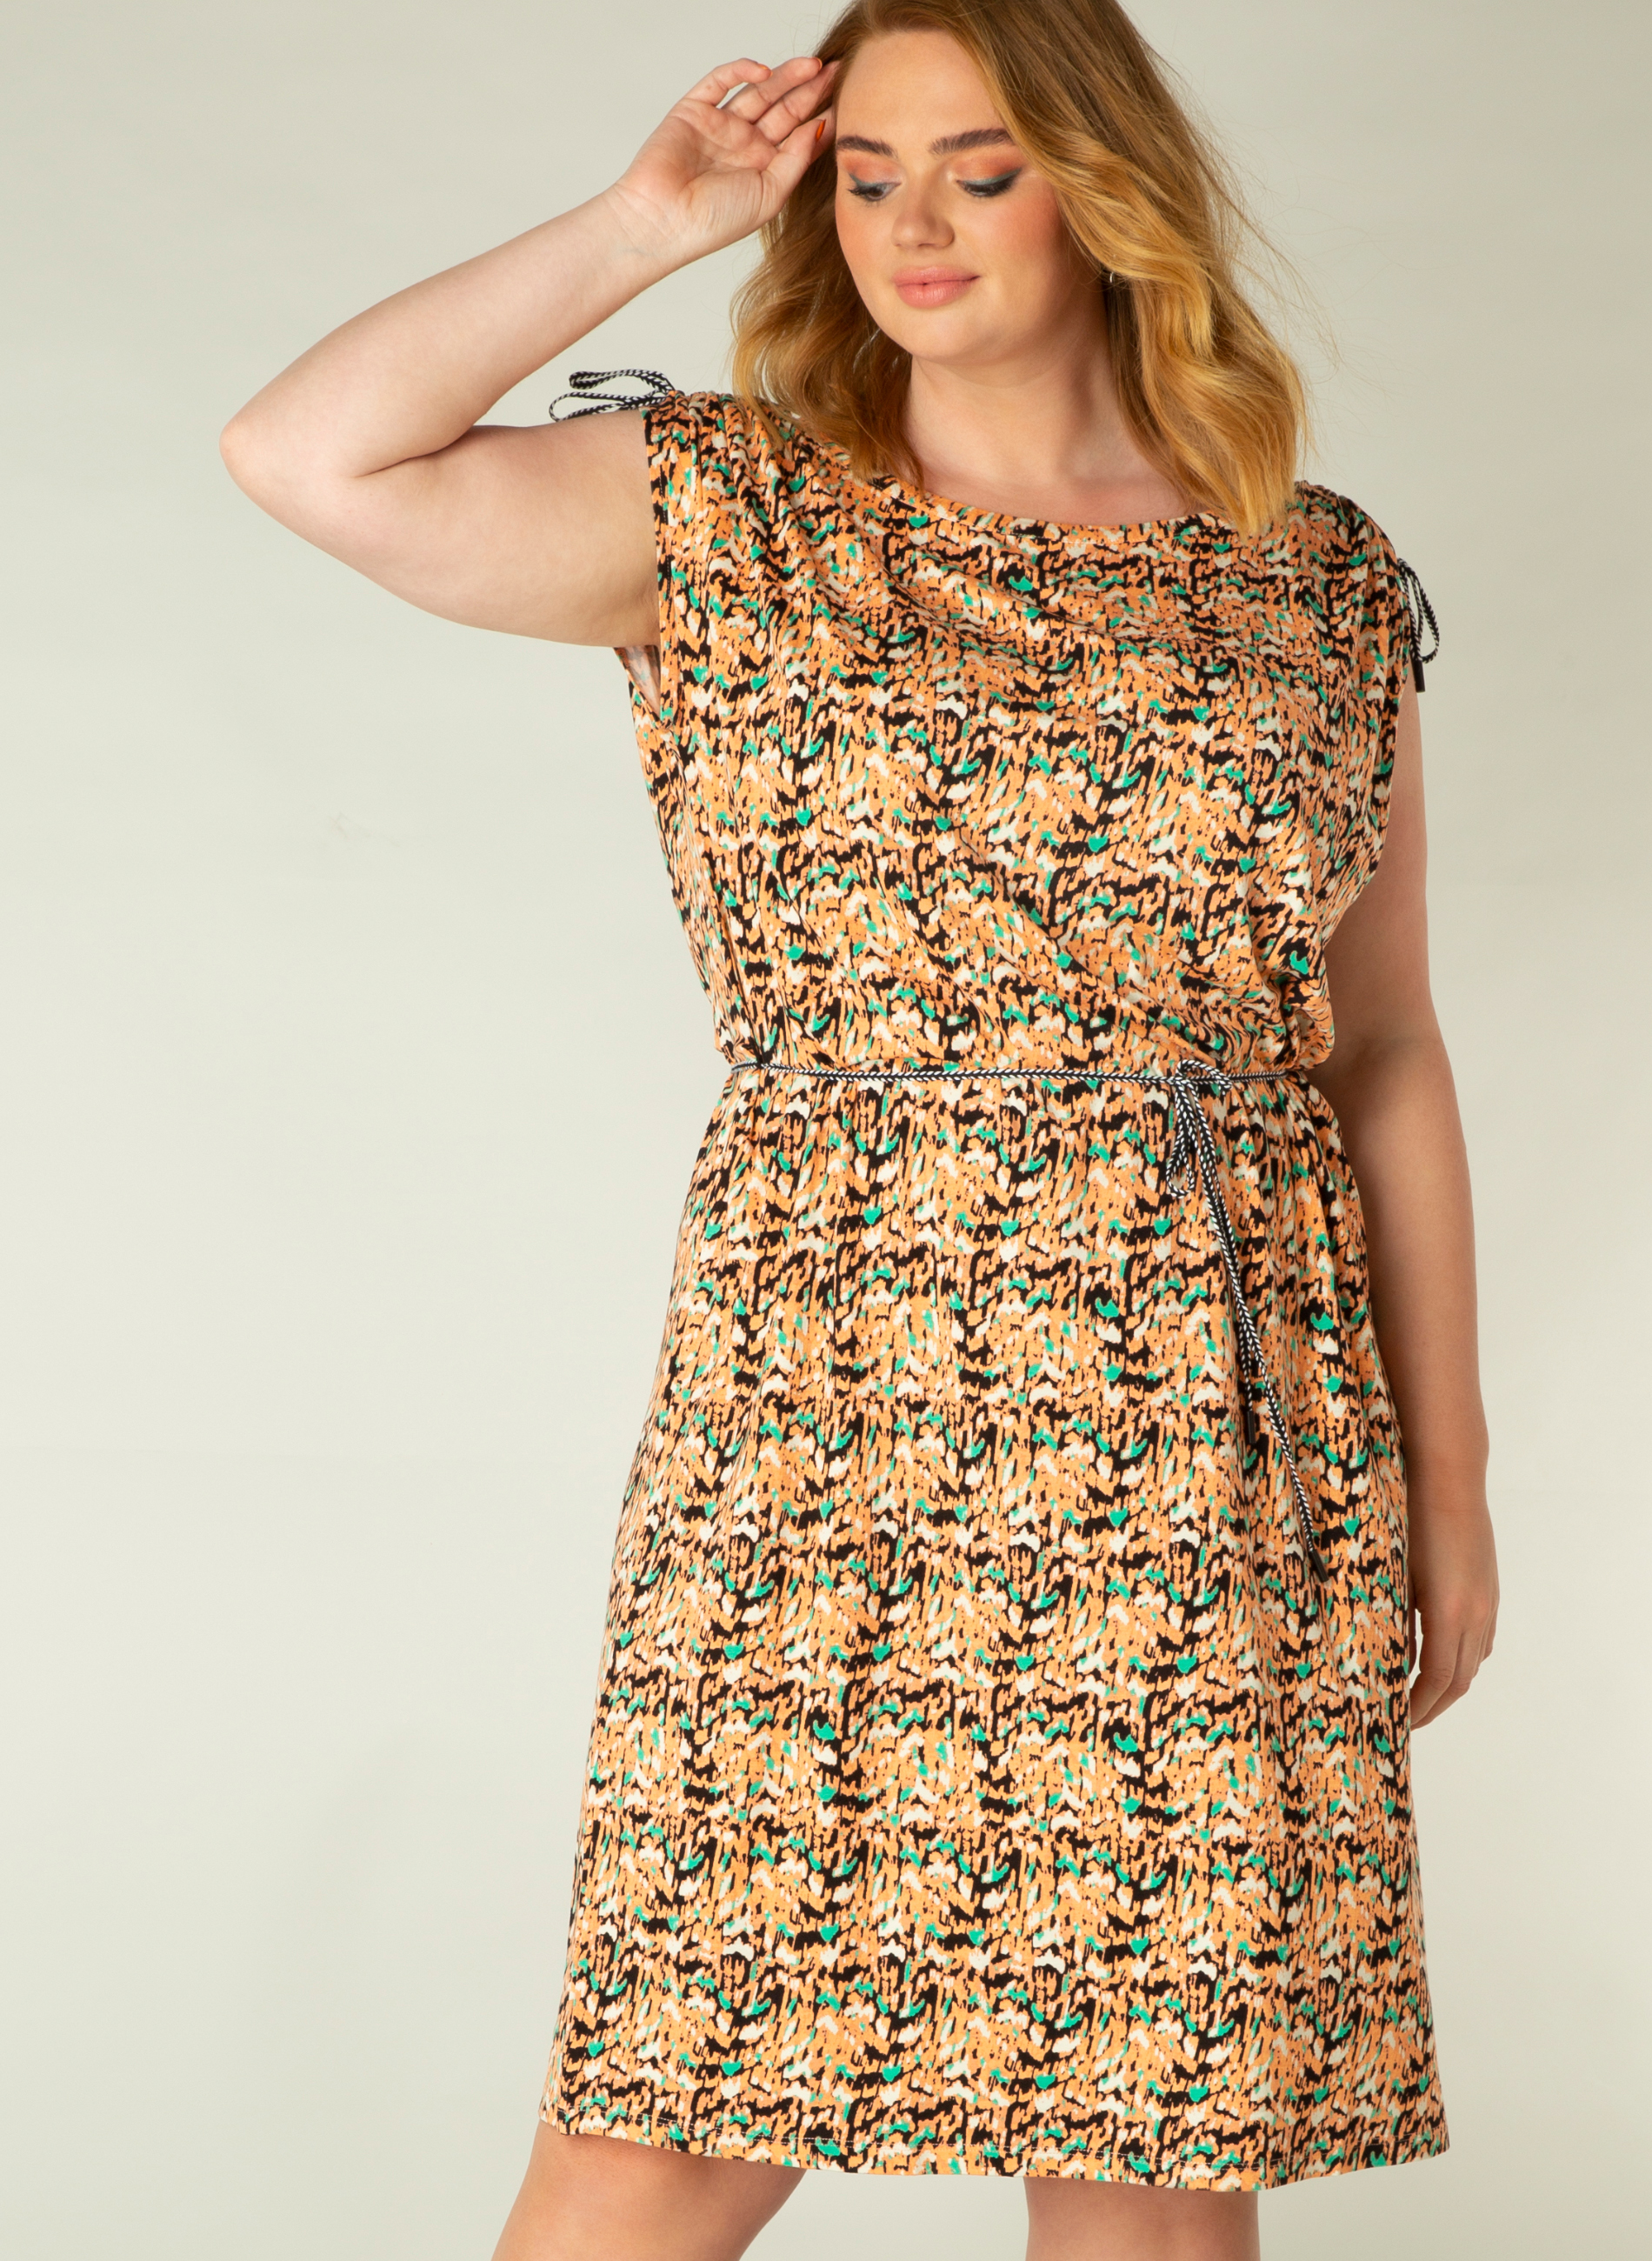 Yesta jurk Lin 110  cm